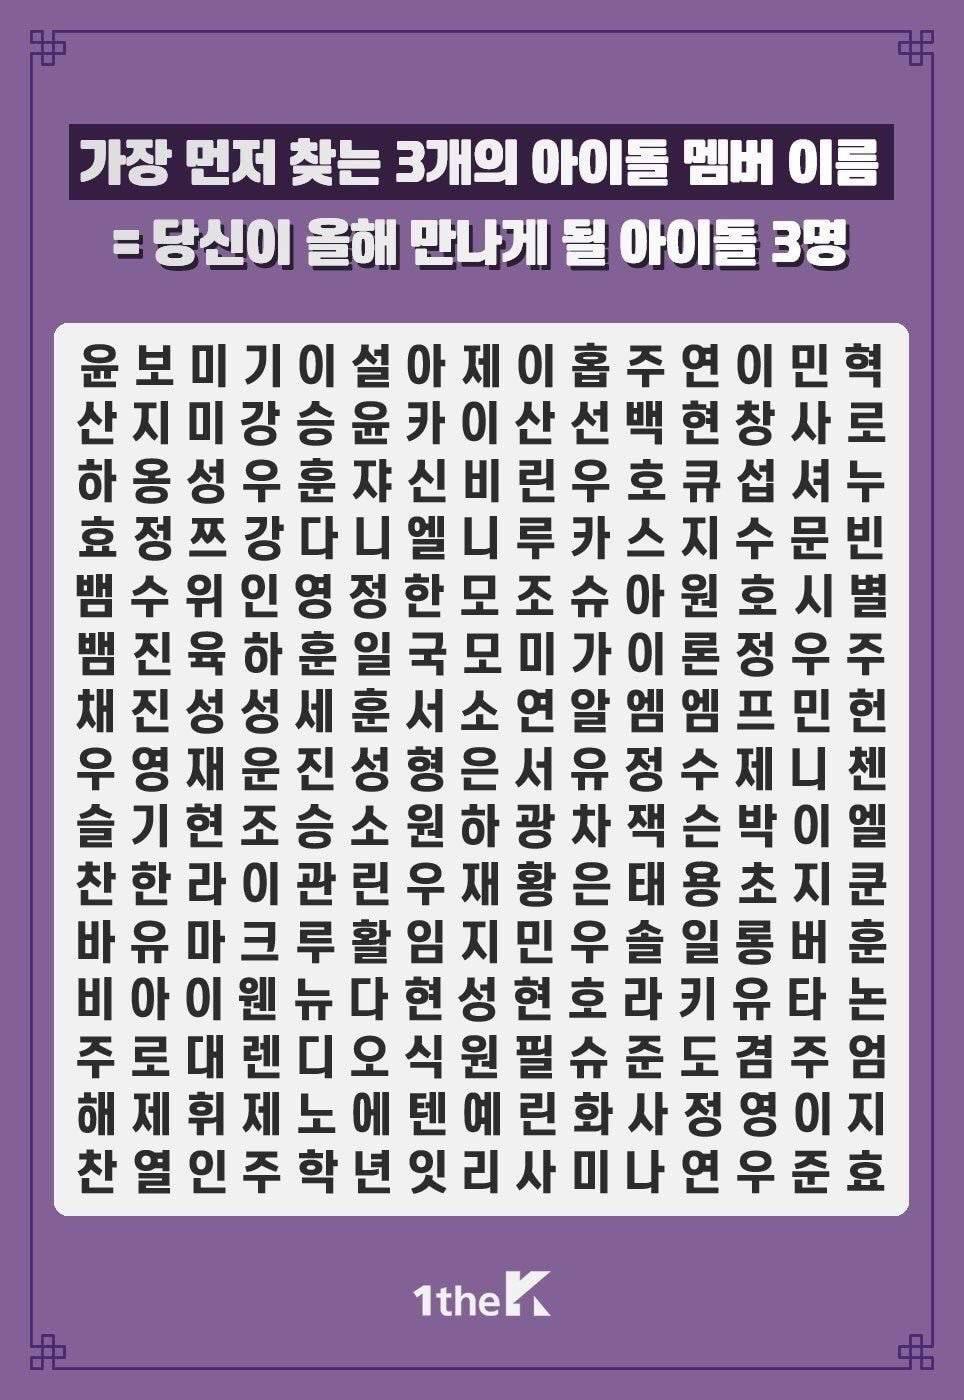 가장 먼저 찾는 3개의 아이돌 멤버 이름.jpg | 인스티즈